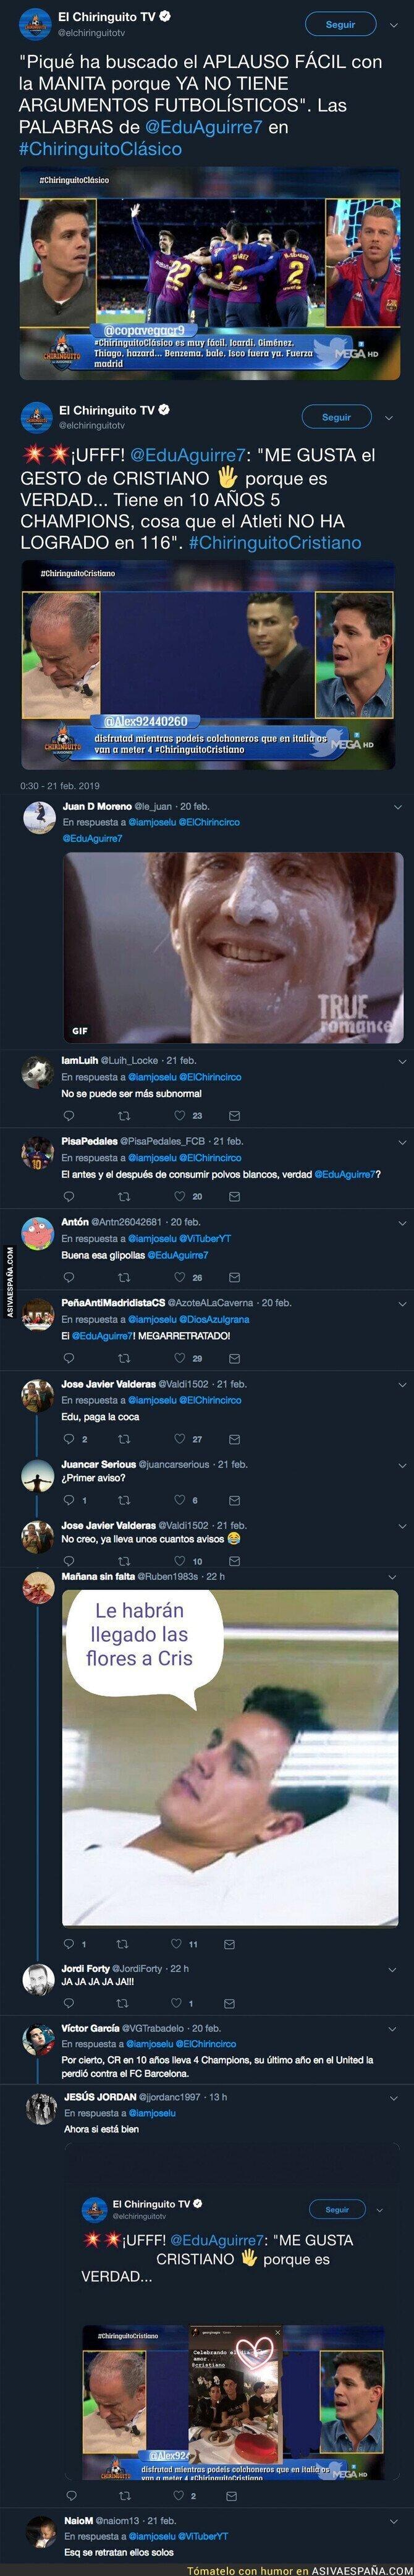 105120 - Este es el doble rasero de Edu Aguirre tras la manita de Cristiano Ronaldo a la afición del Atlético de Madrid